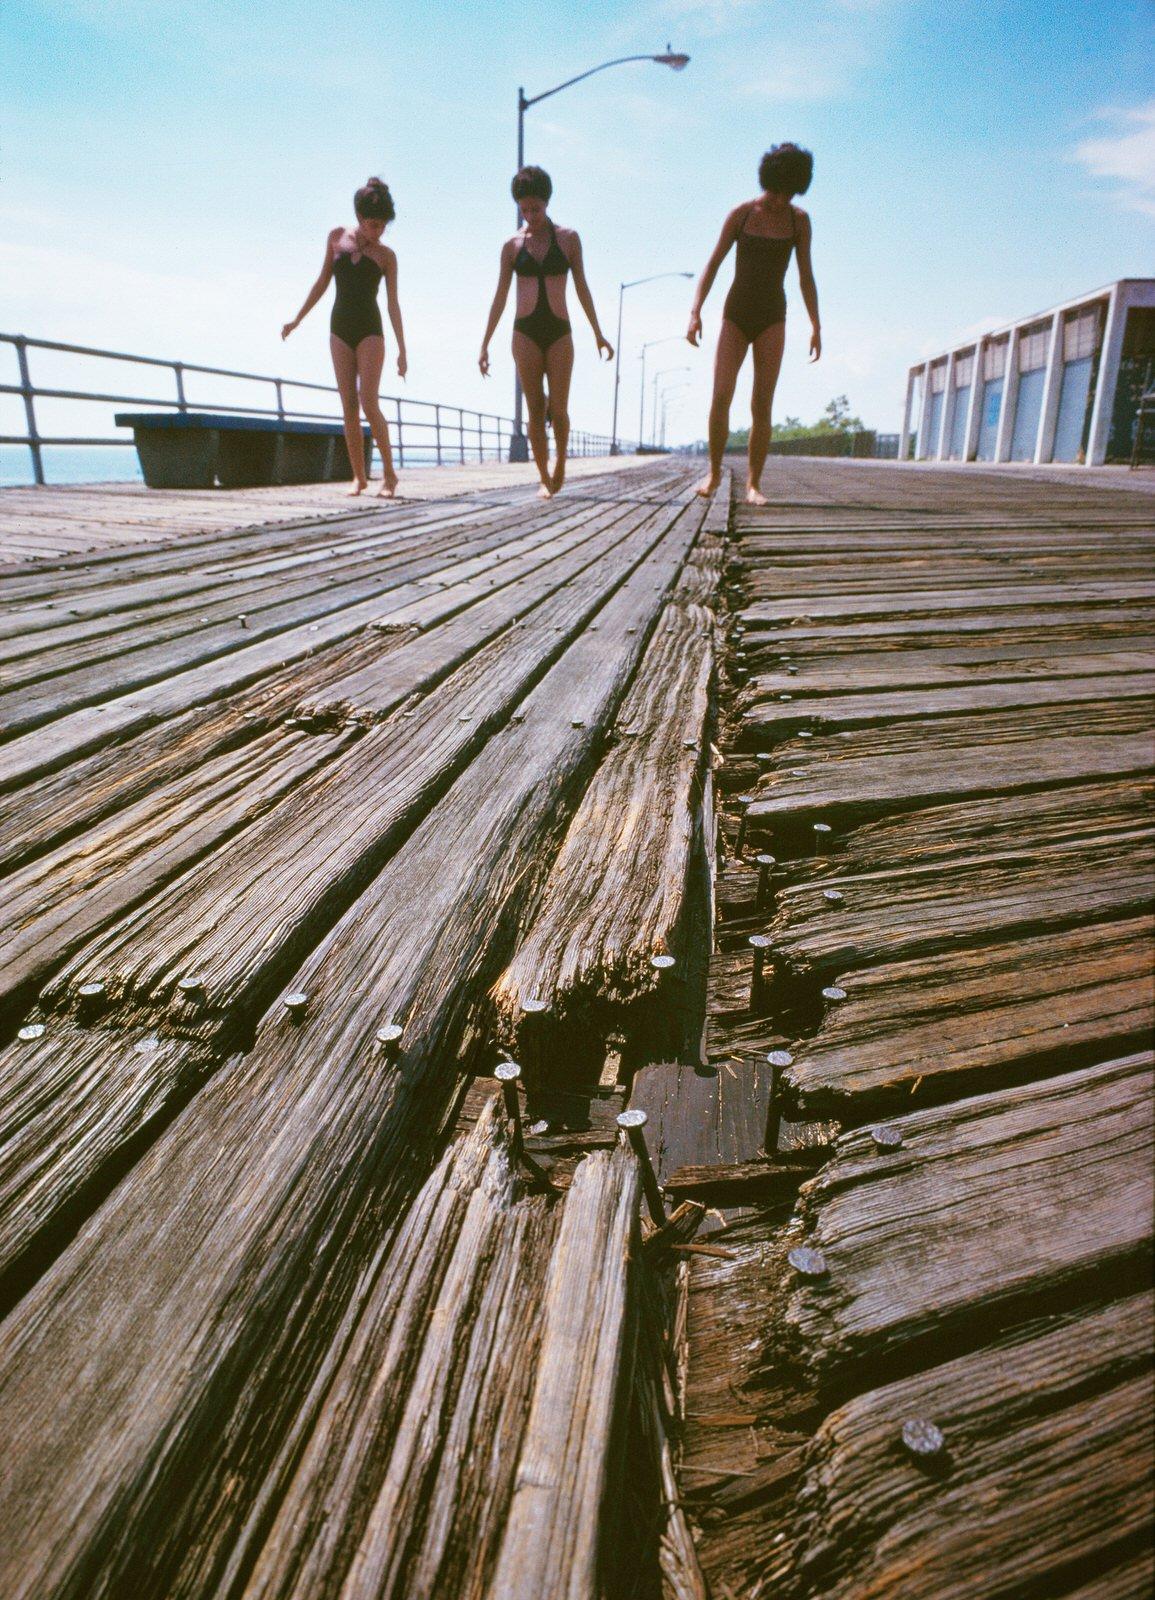 35-Girls-on-Splintered-Boardwalk-small.jpg